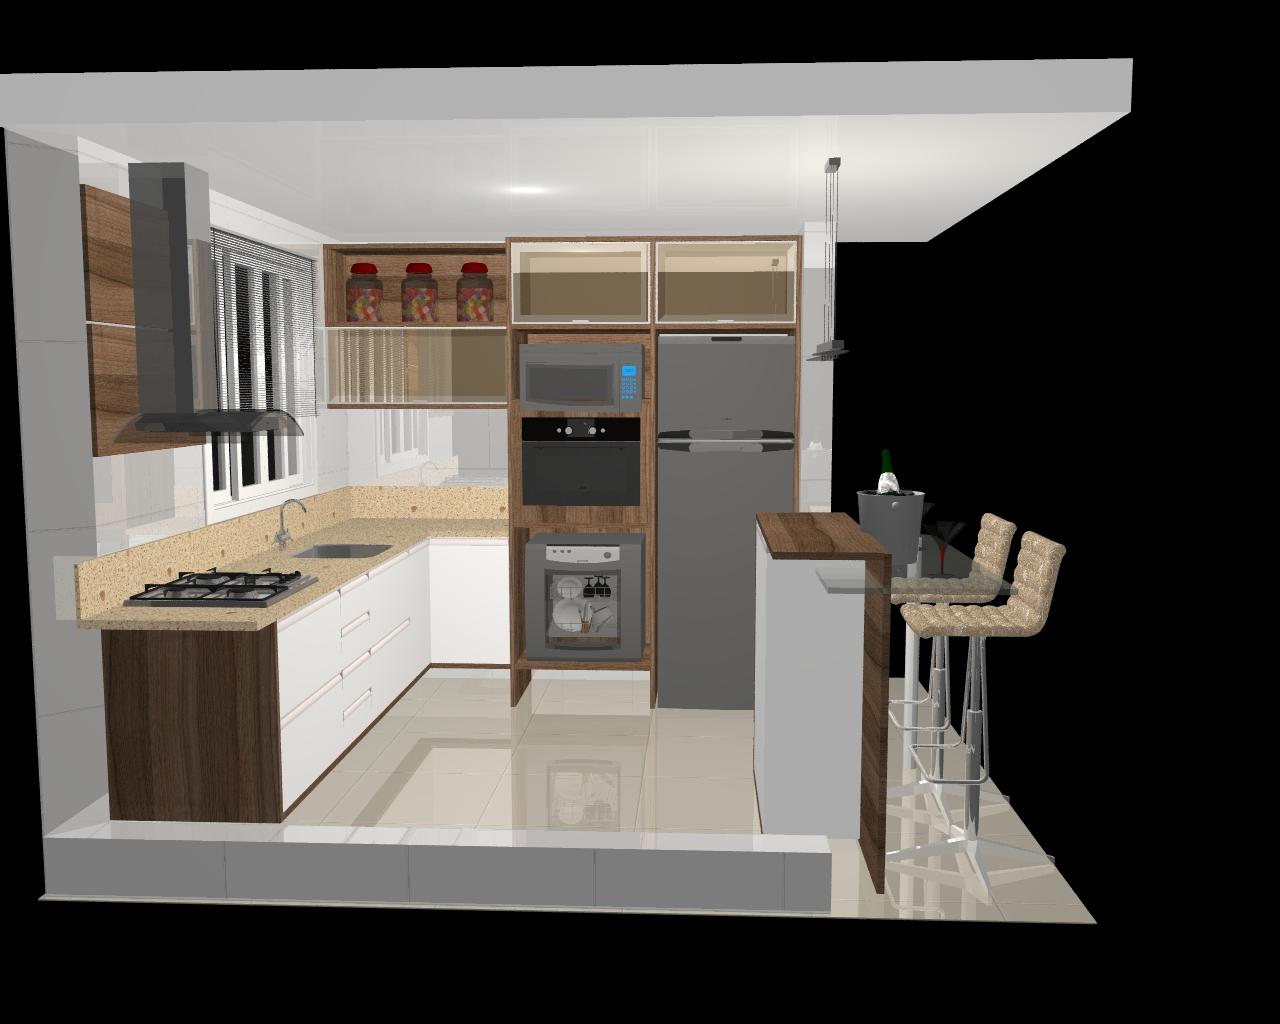 Estilo Casa & Decoração: Projeto dos móveis da cozinha #1279B9 1280 1024